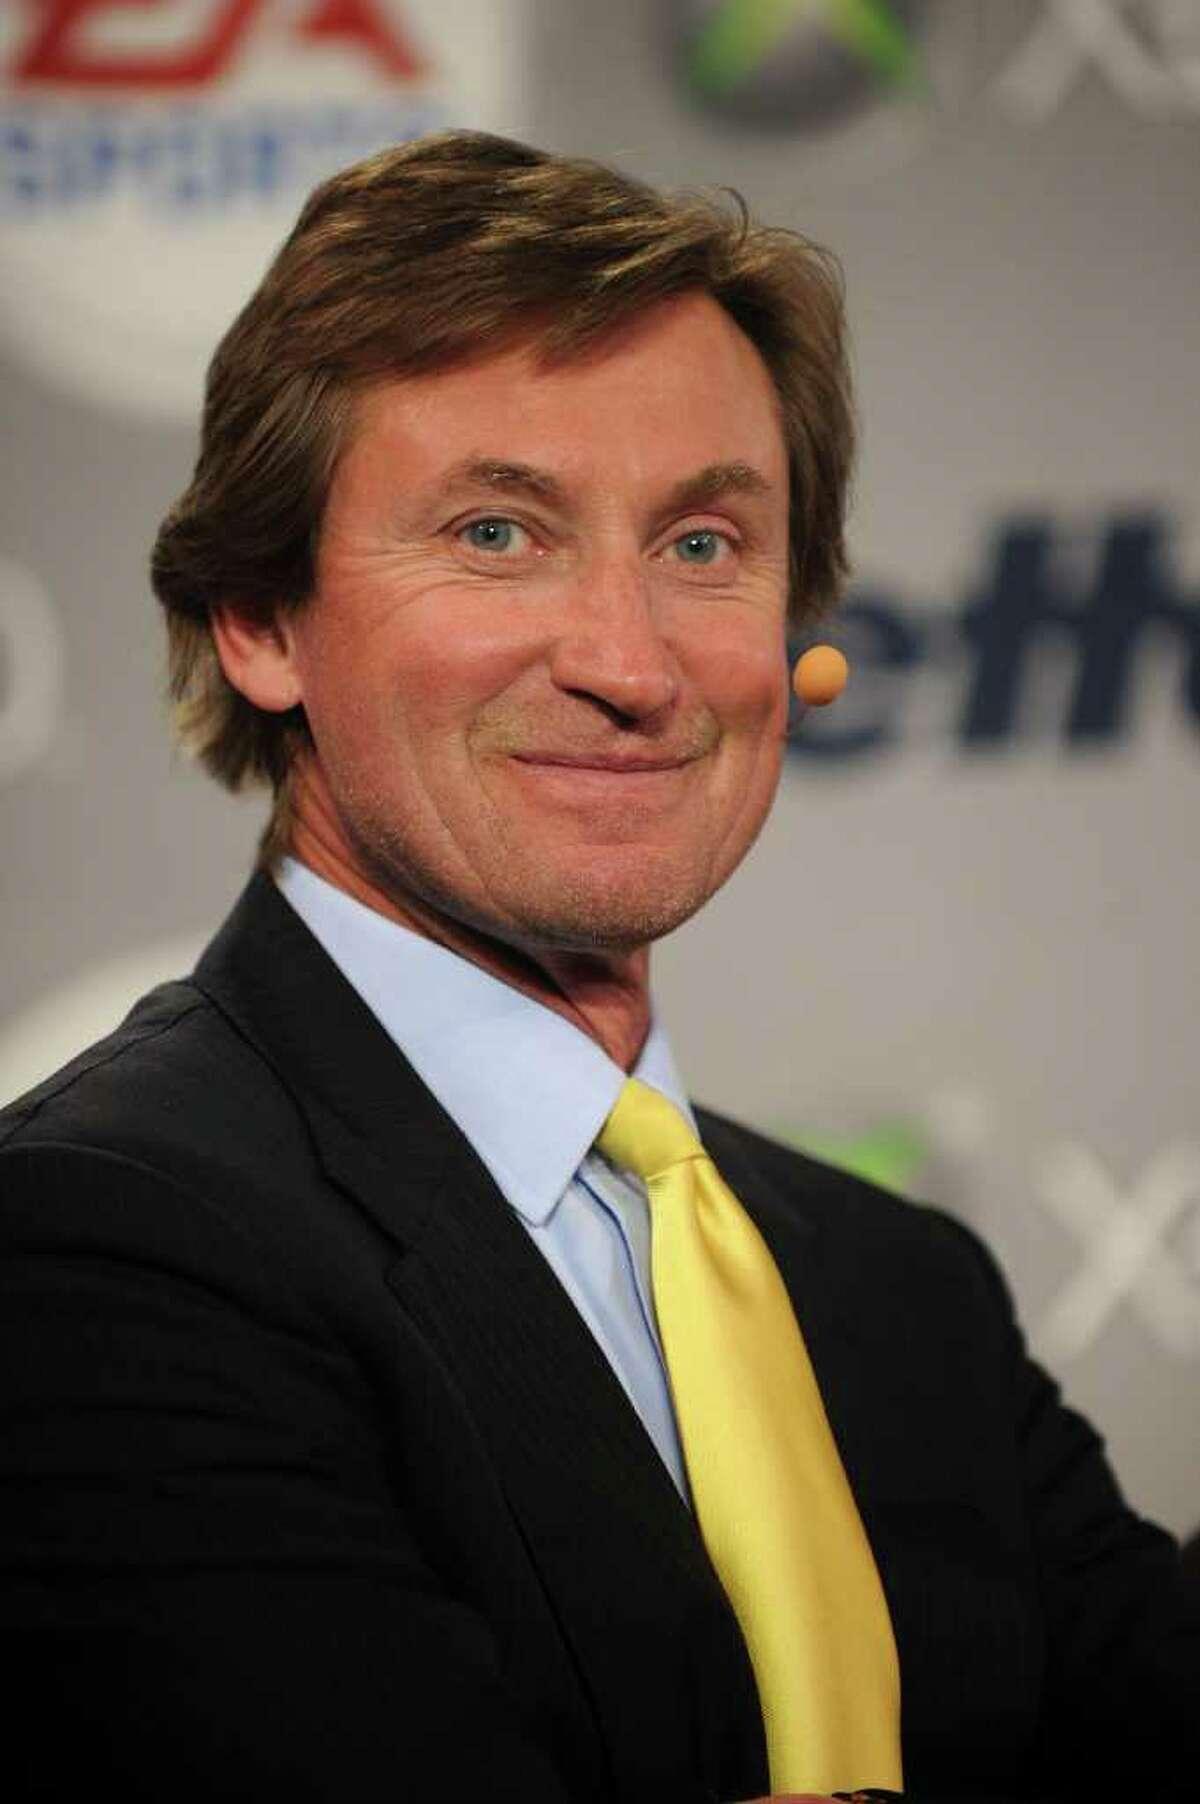 Wayne Gretzky: January 26, 1961